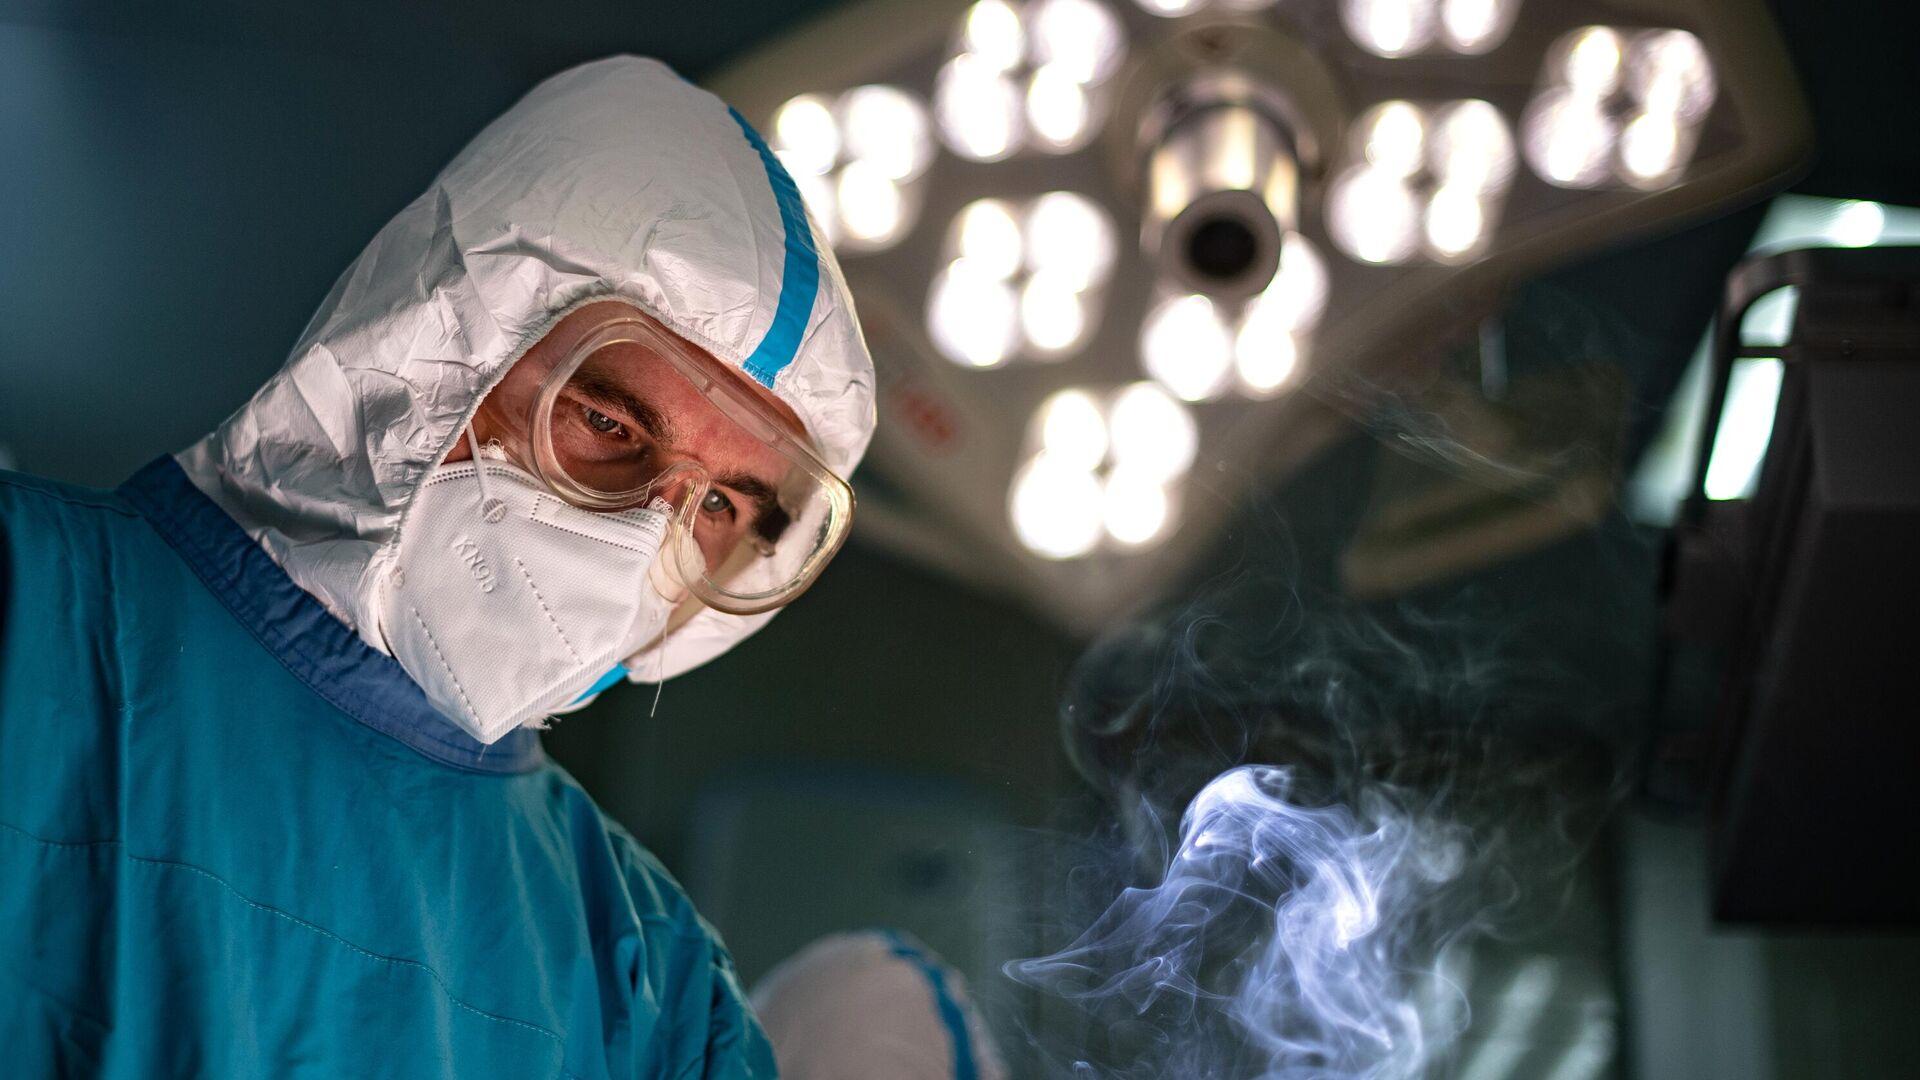 Хирург во время операции в операционном блоке городской клинической больнице №15 имени О. М. Филатова в Москве - РИА Новости, 1920, 17.12.2020